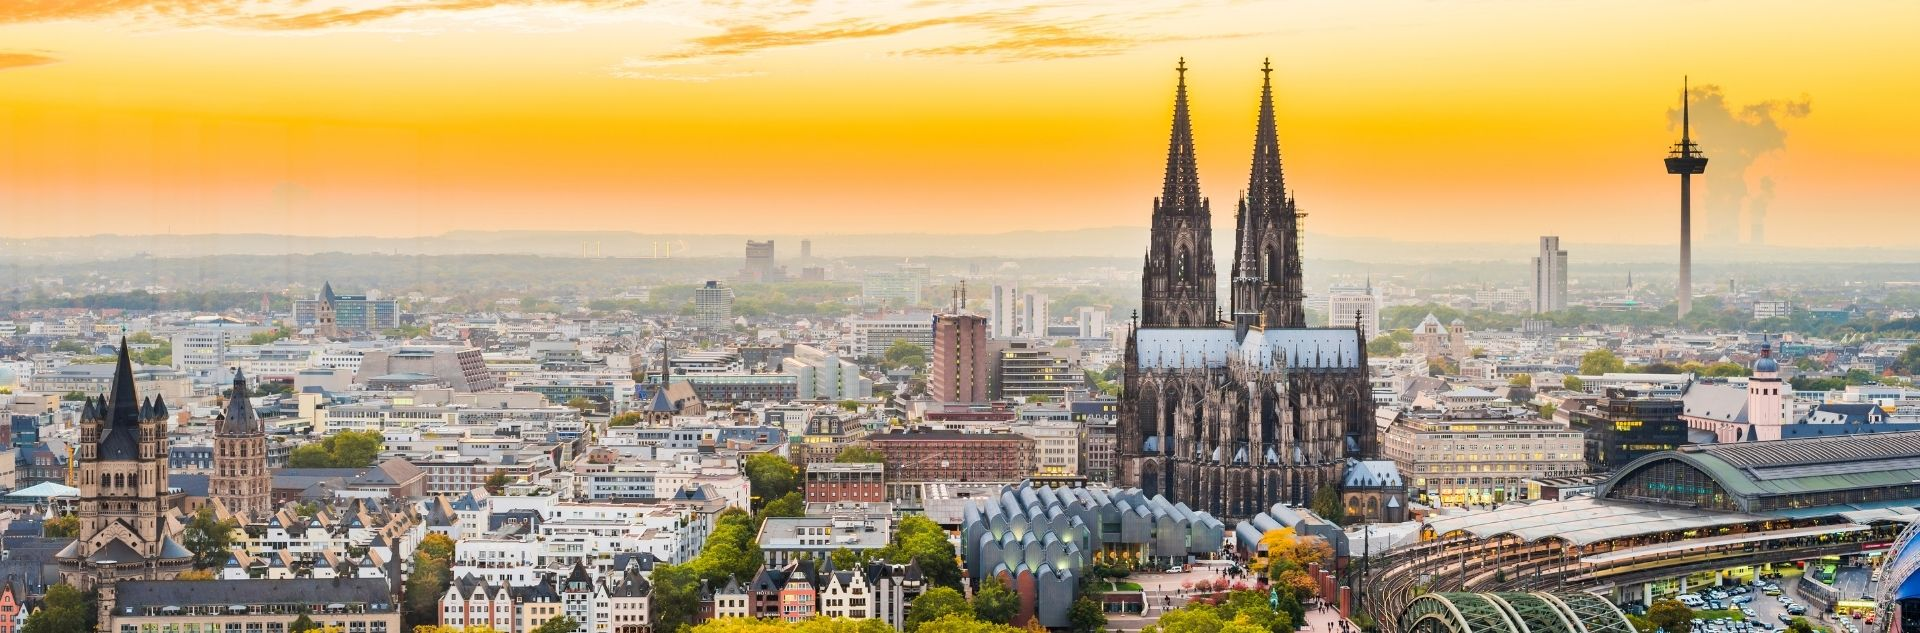 Über den Dächern der Stadt Köln